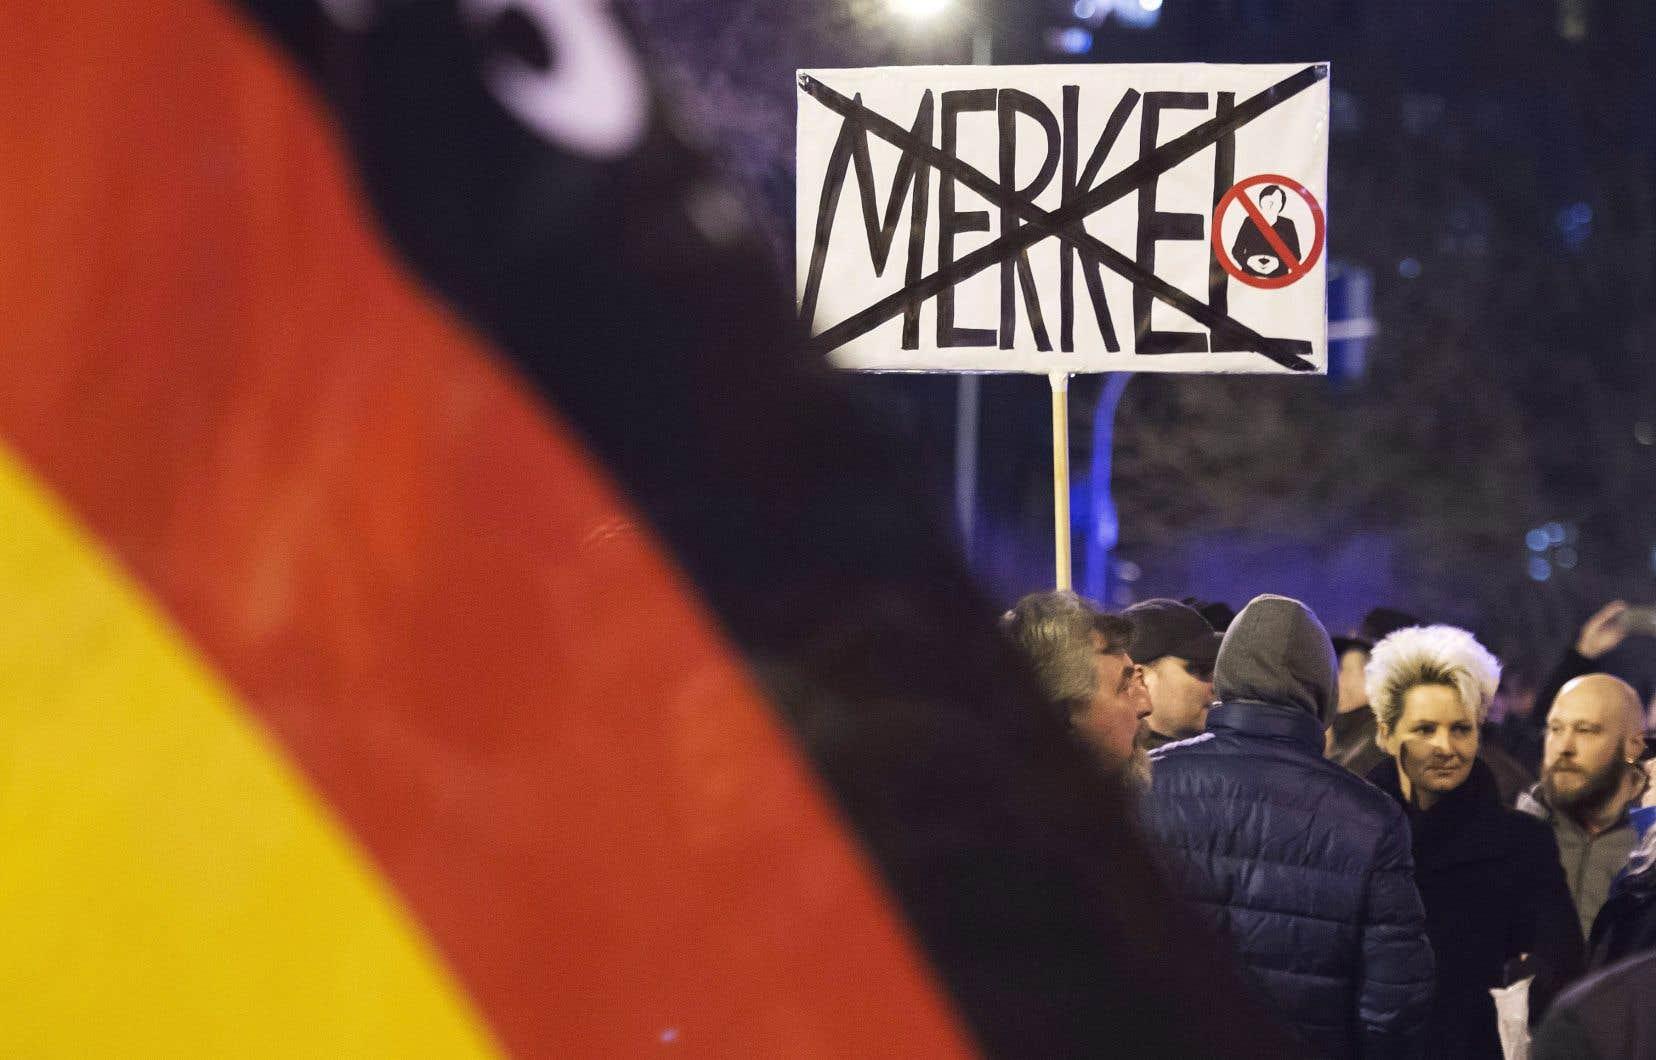 Manifestation organisée parle parti anti-immigrants, anti-Merkel et anti-islam AfD (Alternative pour l'Allemagne) à Erfurt en février 2016